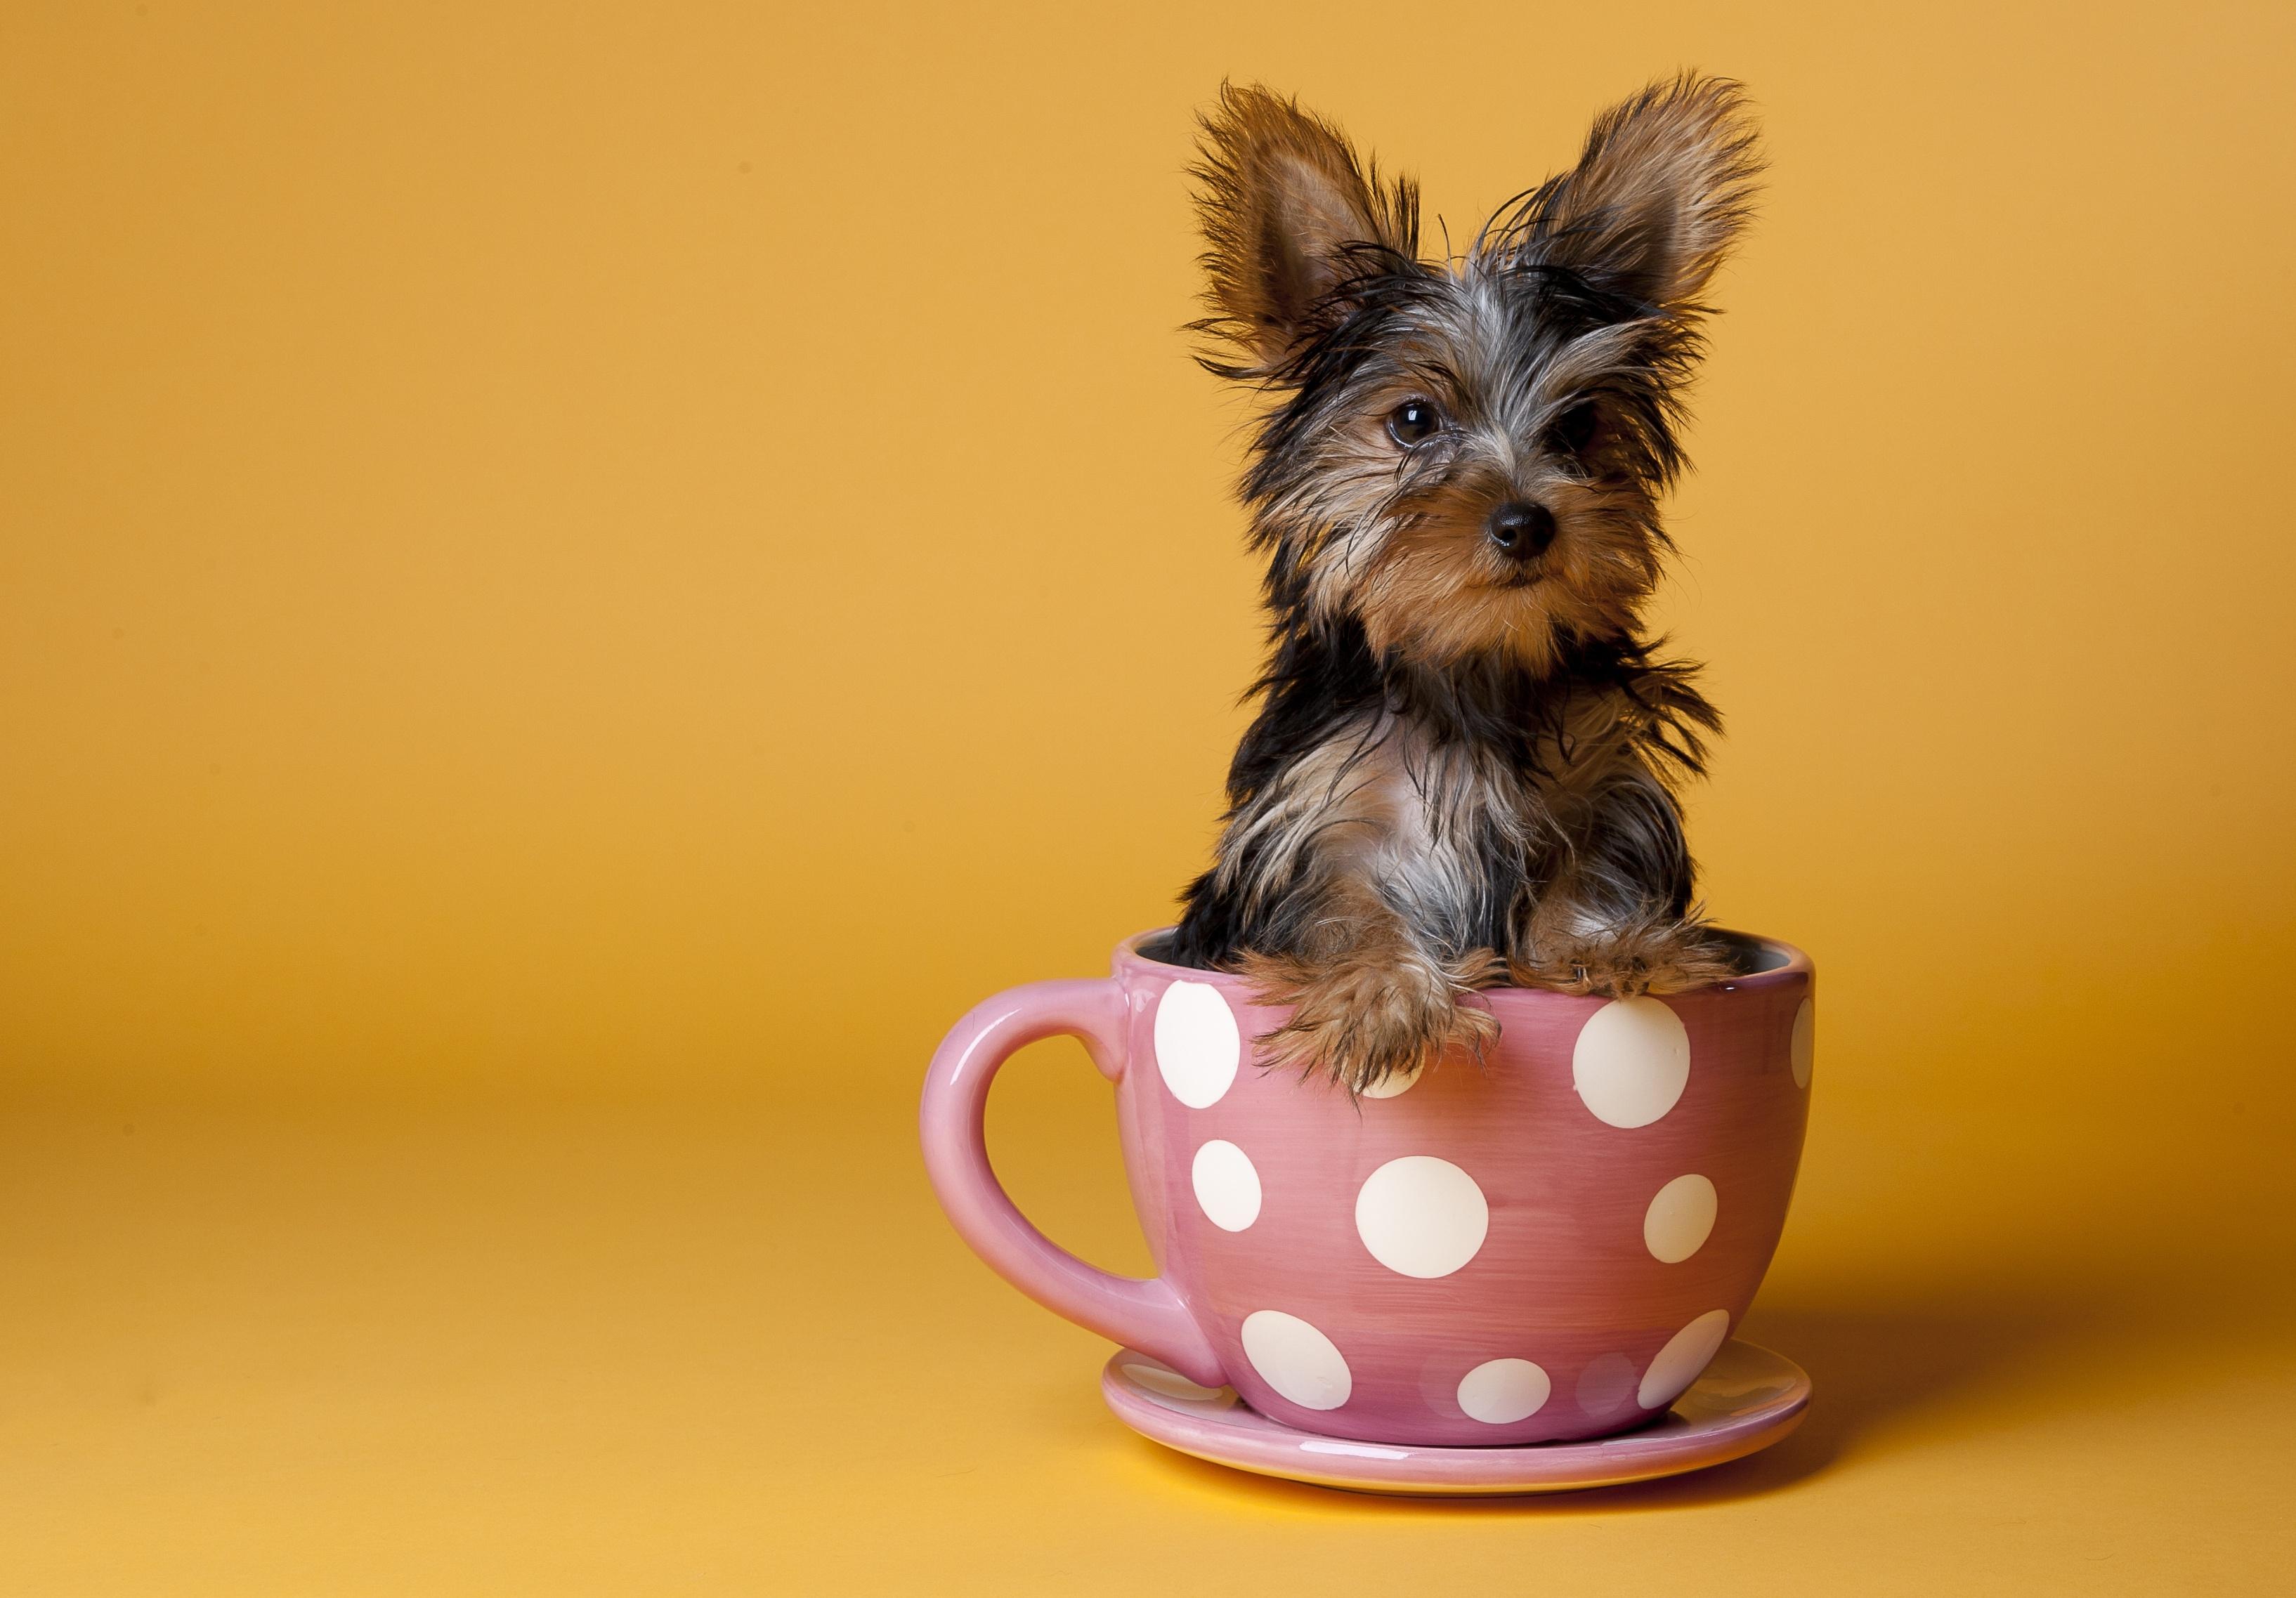 131662 скачать обои Щенок, Животные, Сидеть, Собака, Чашка, Йоркширский Терьер - заставки и картинки бесплатно